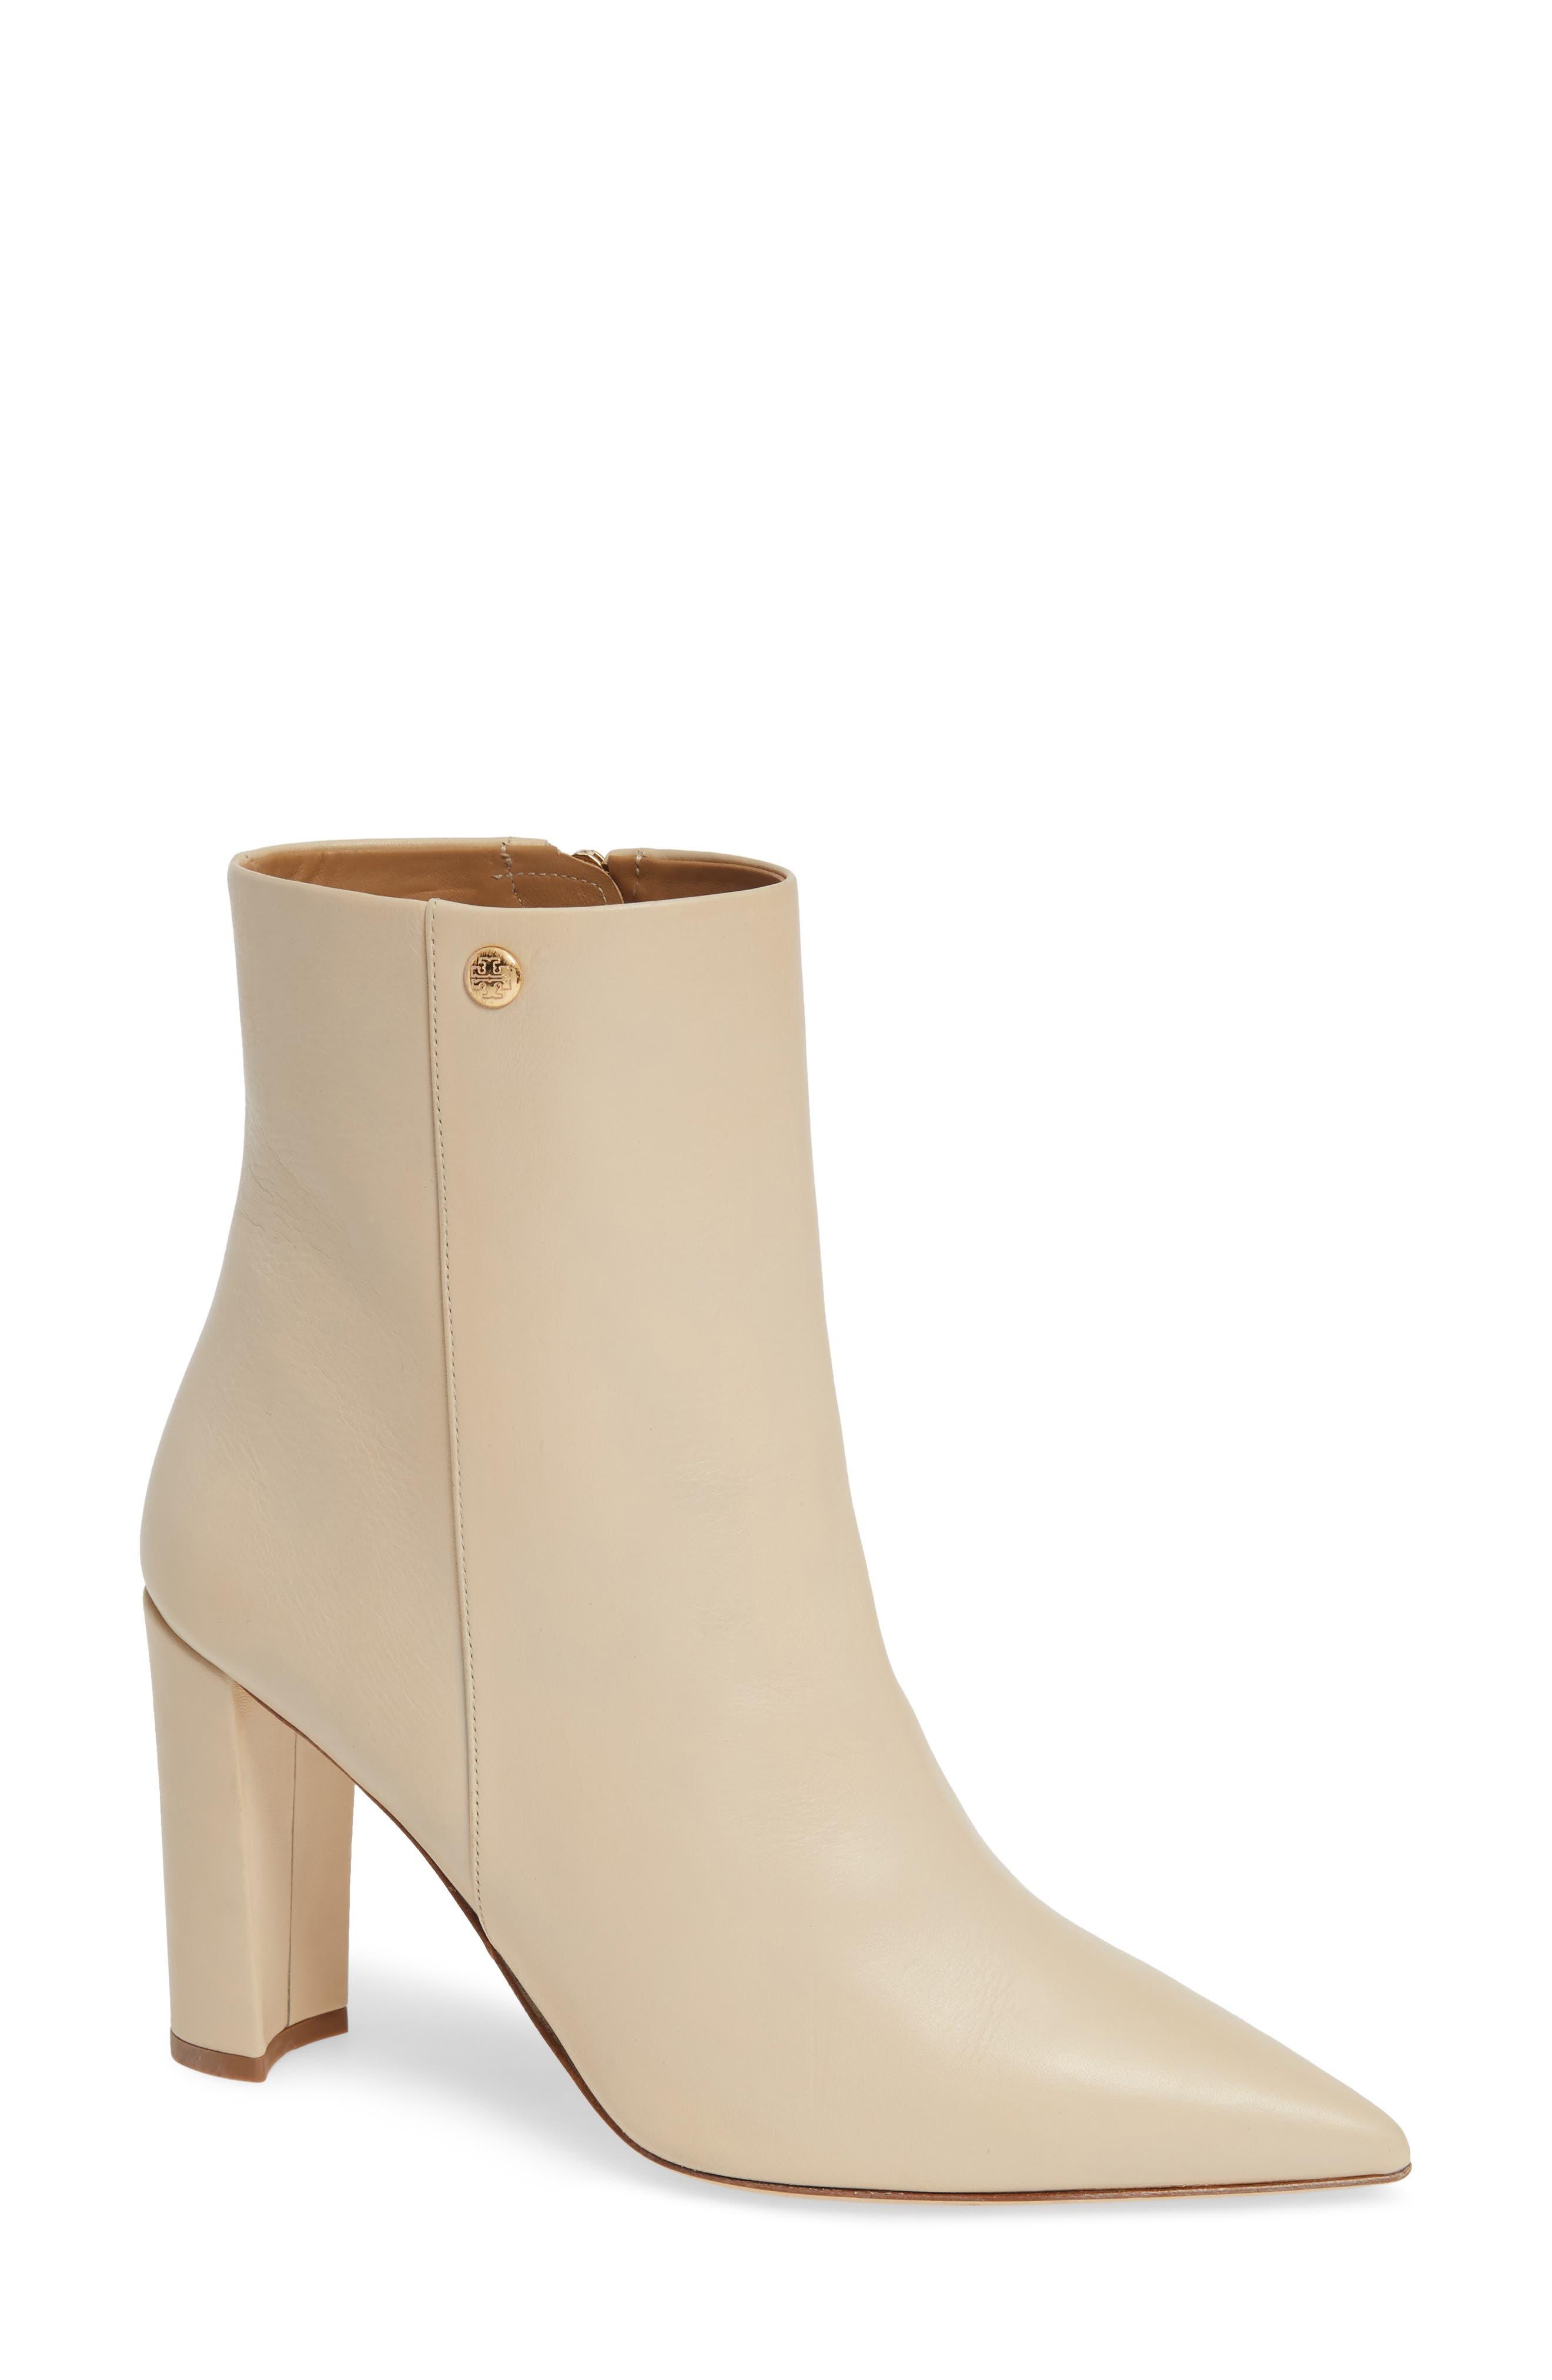 Women'S Penelope Pointed Toe Leather High-Heel Booties in Dulce De Leche